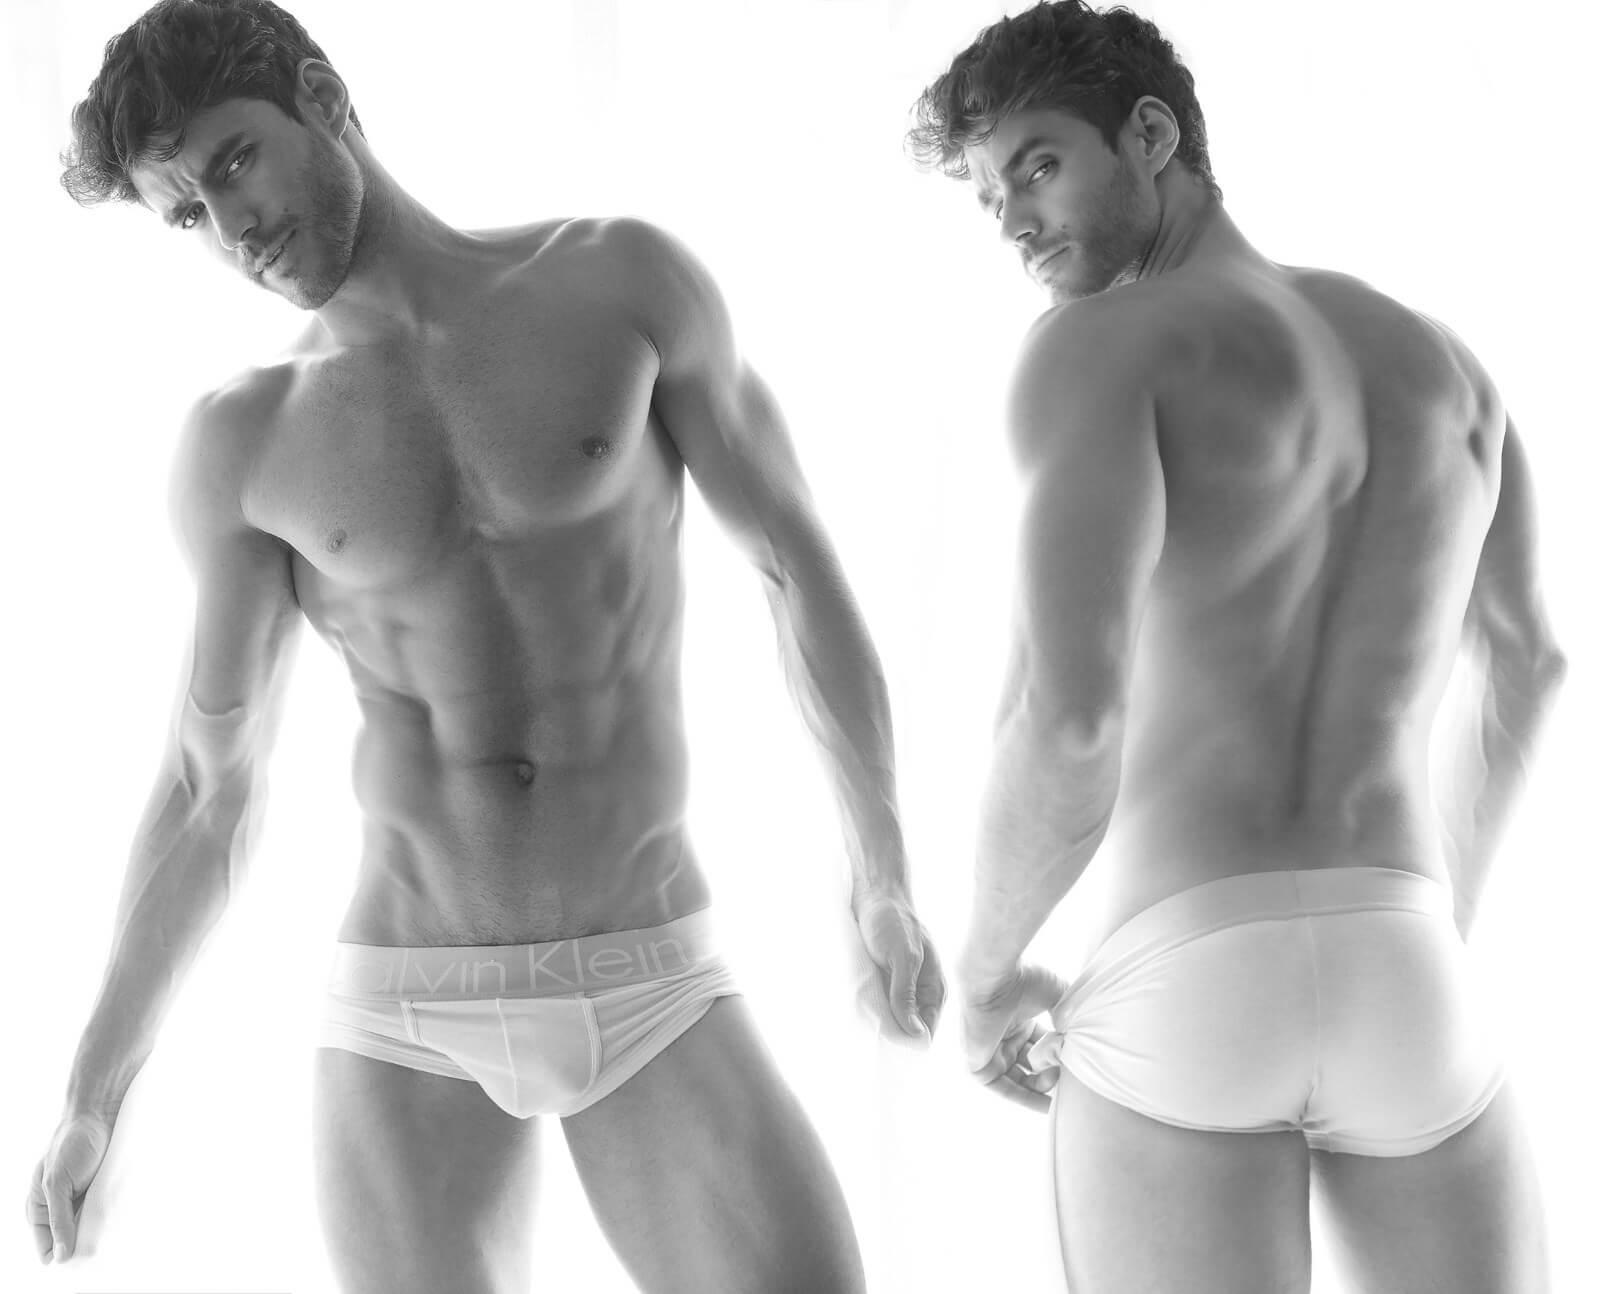 Il modello Caio Cesar è super sexy negli scatti di Marco Ovando